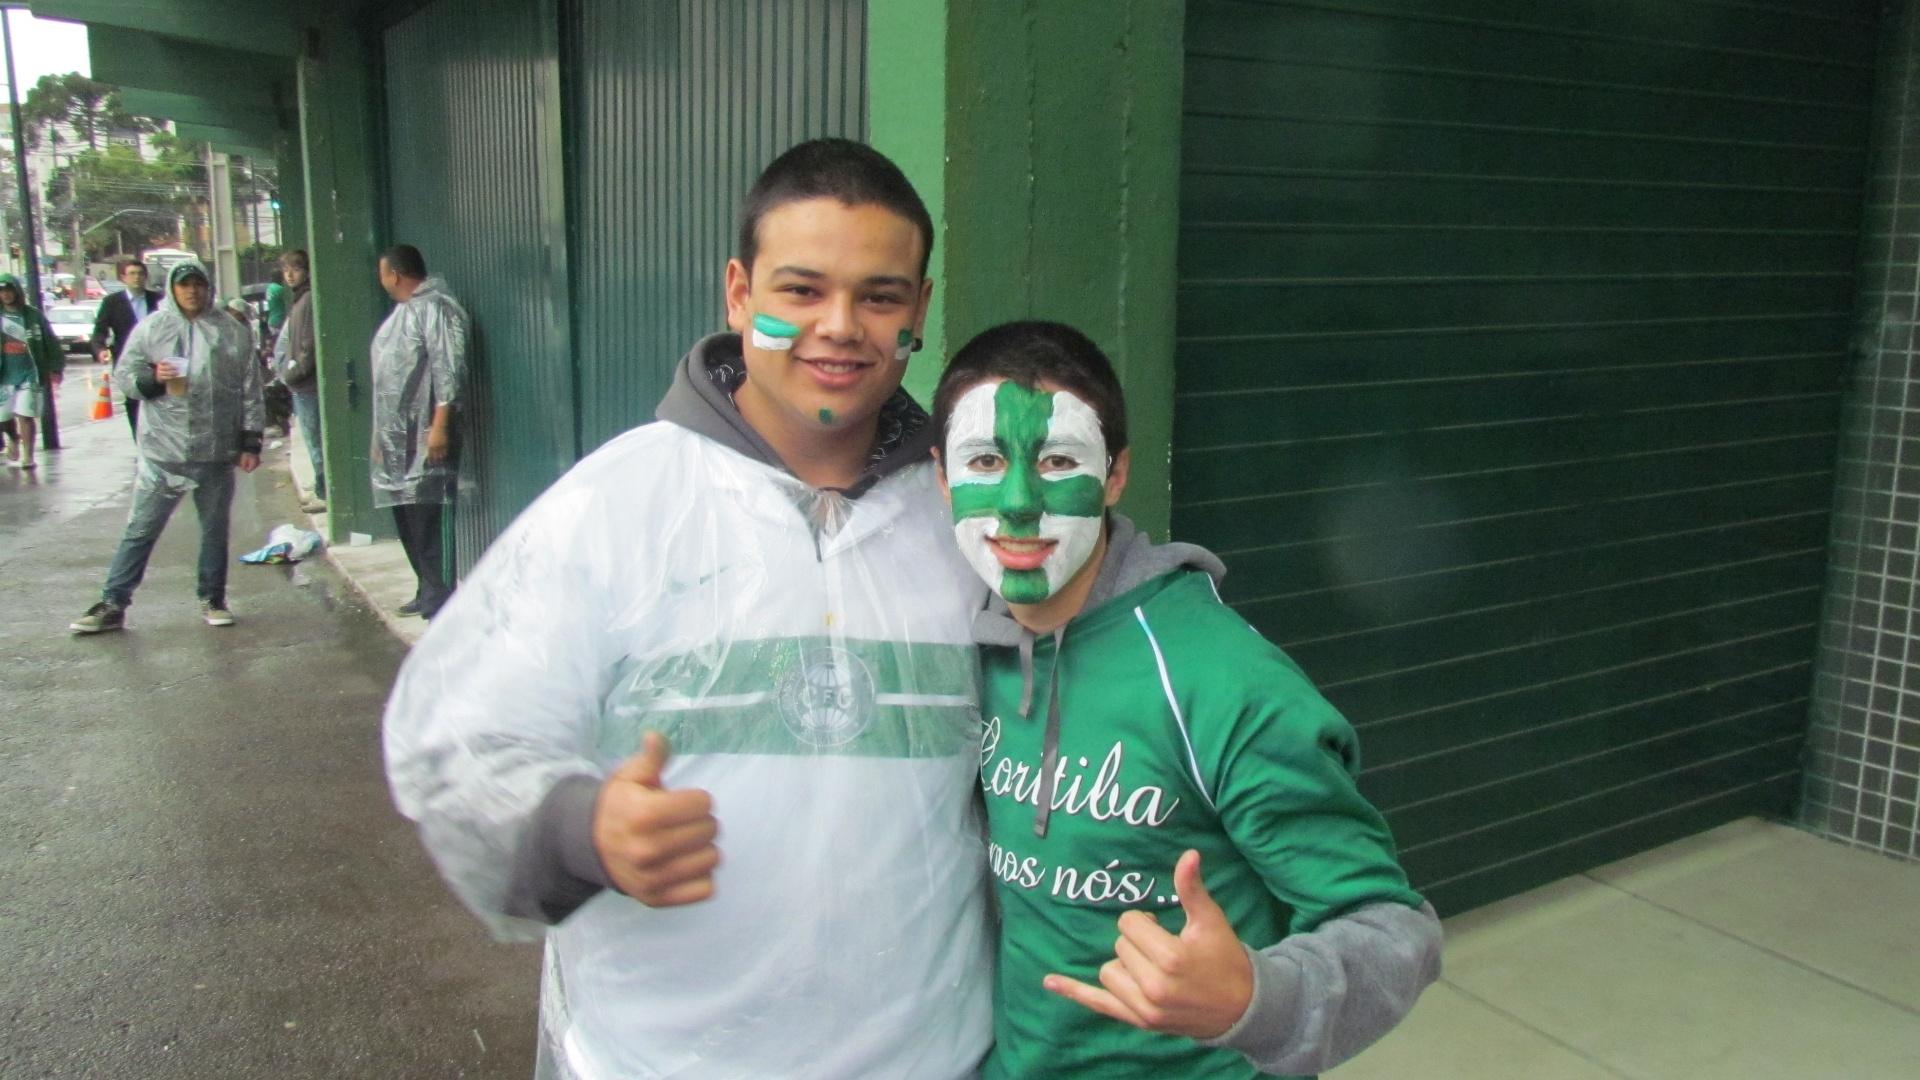 Torcedores do Coritiba pintaram seus rostos para acompanhar a decisão da Copa do Brasil contra o Palmeiras